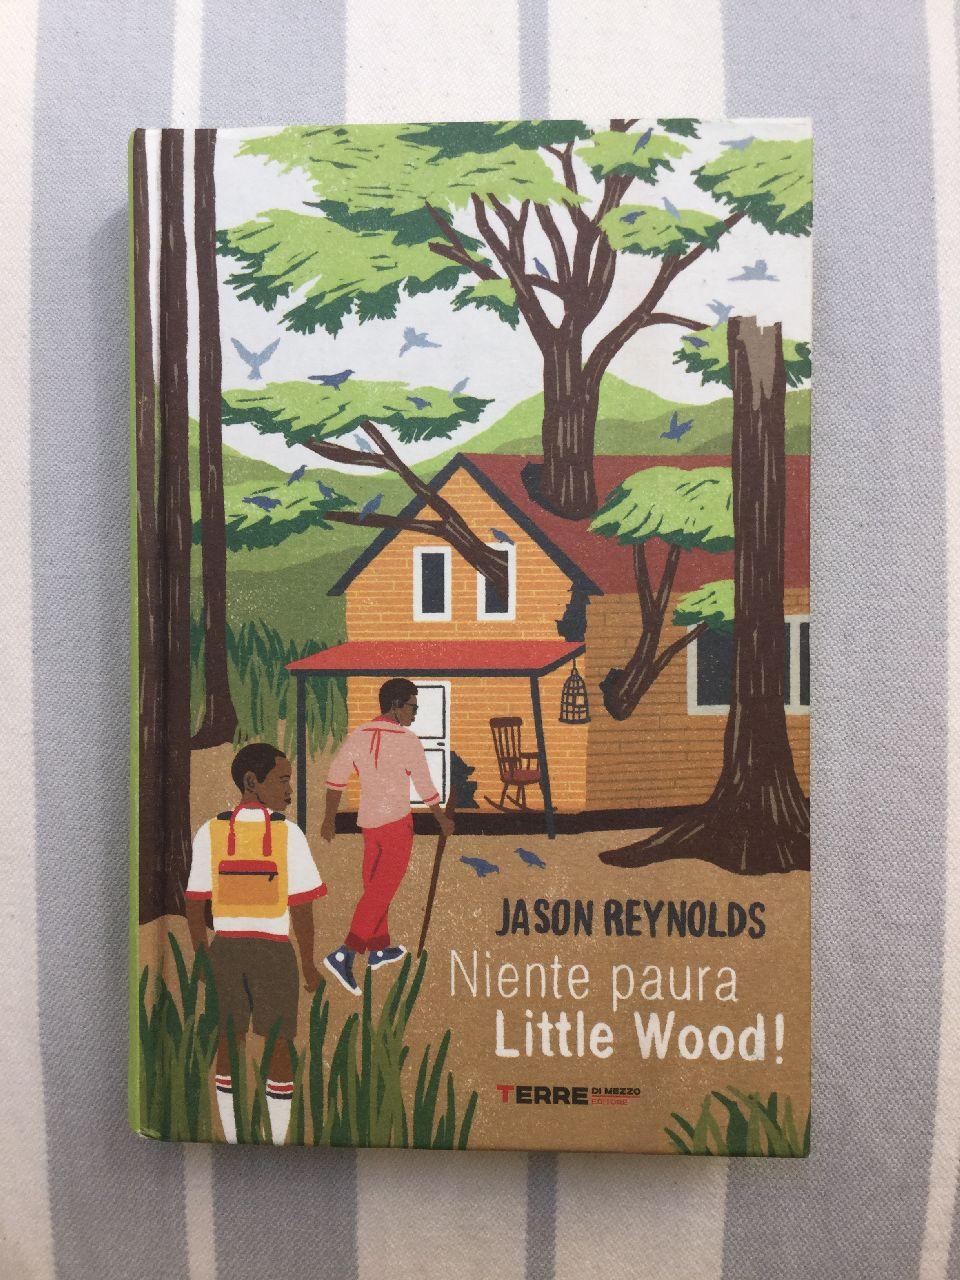 Jason Reynolds, Niente paura Little Wood! Terredimezzo